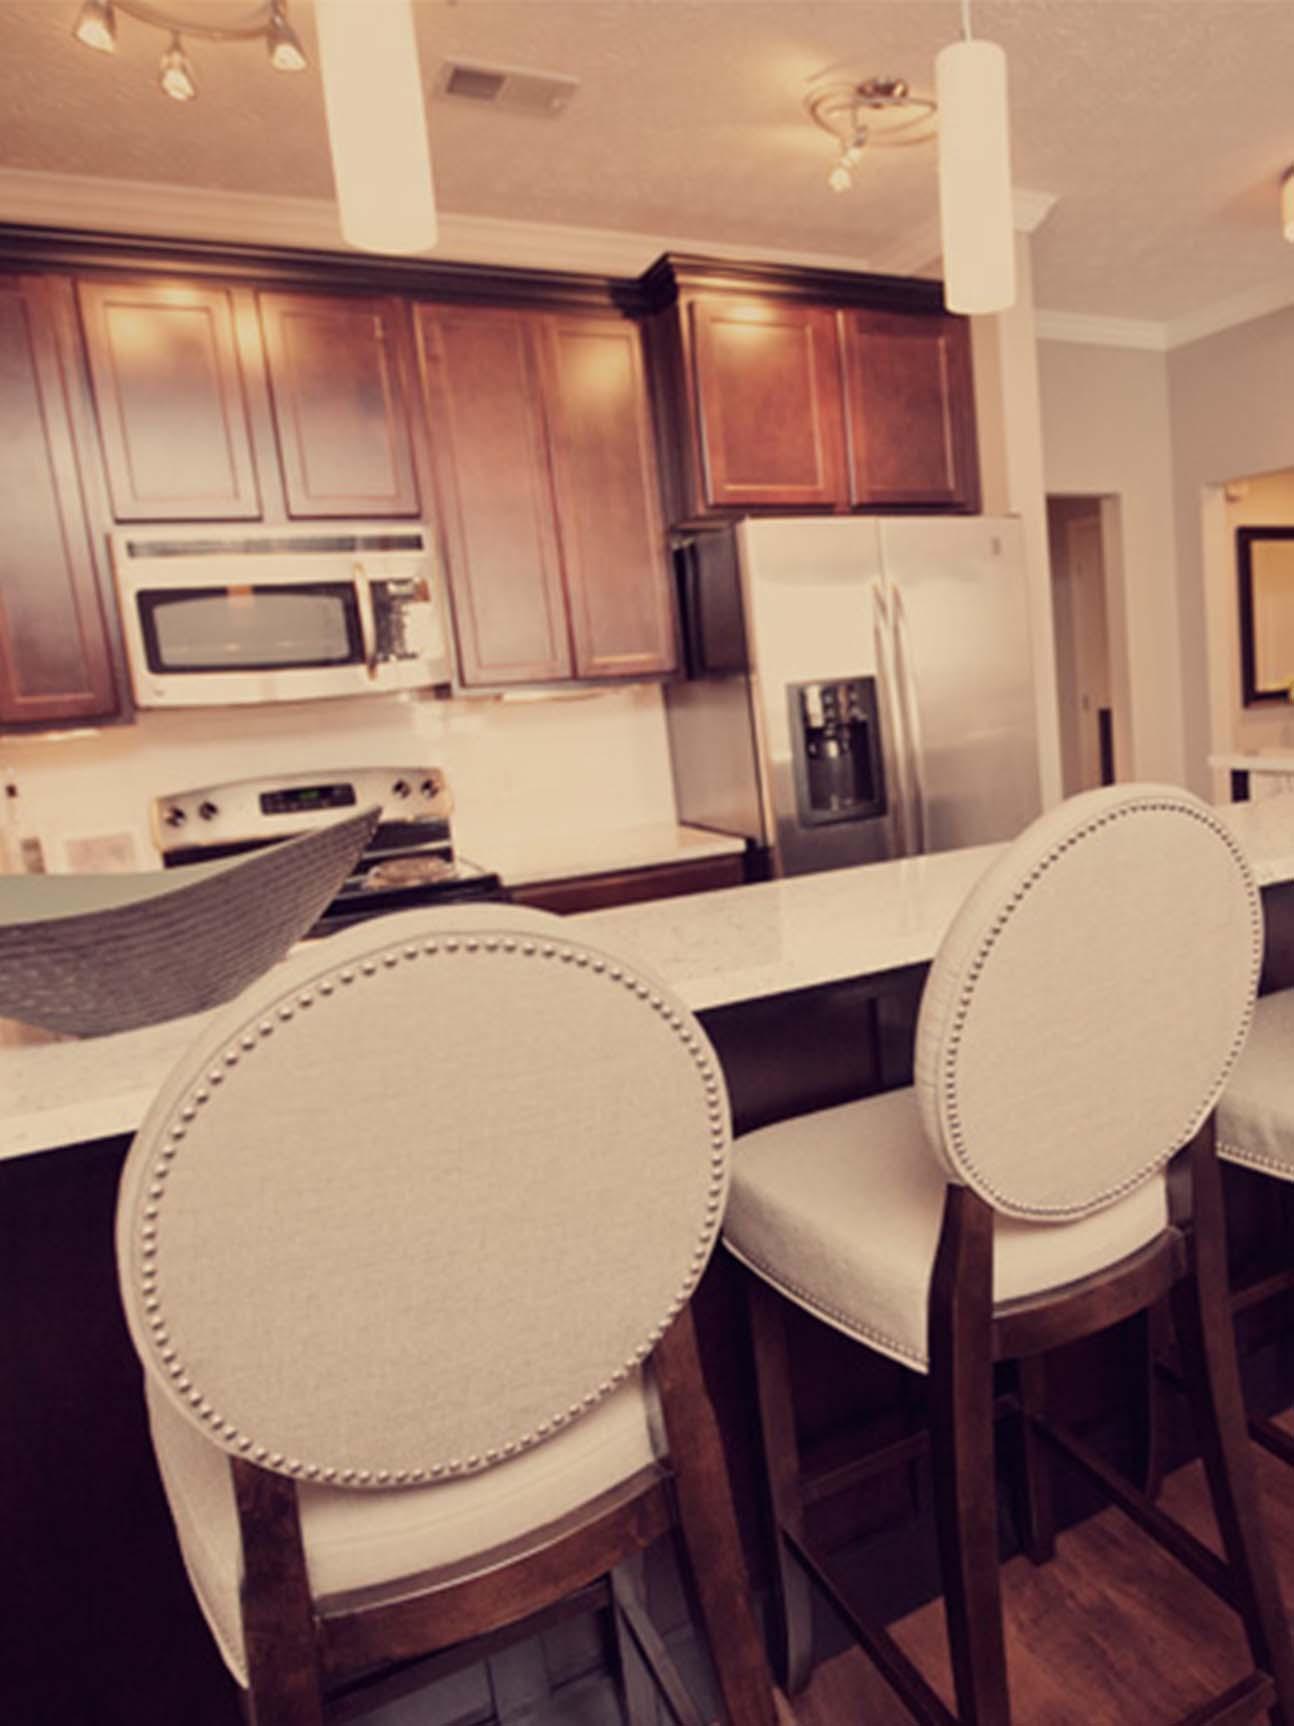 Residence at Carmel City Center